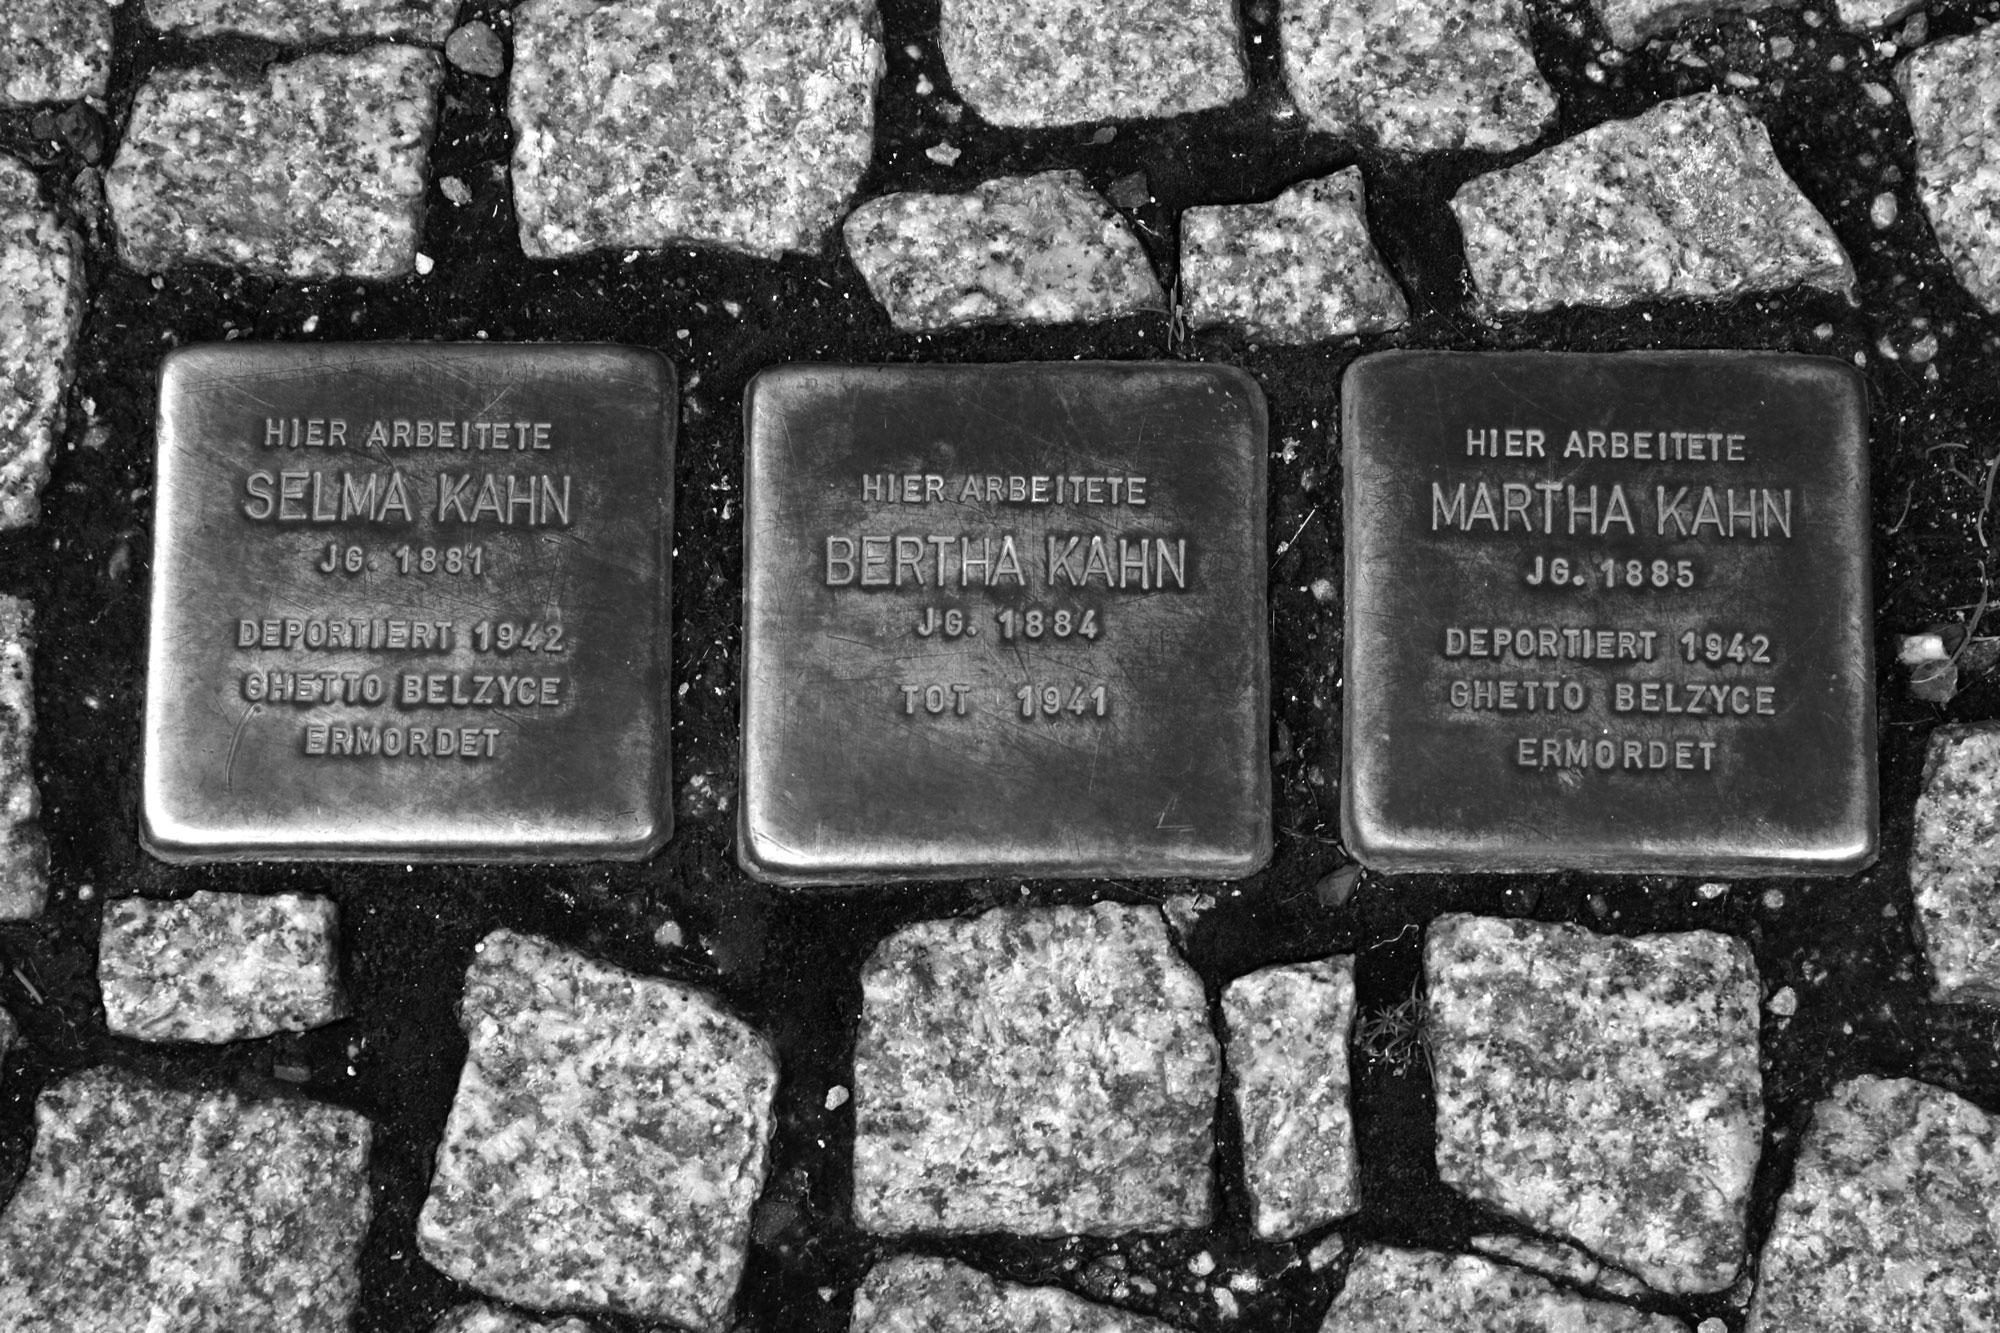 Stolpersteine für die drei Schwestern Kahn in der Wielandstraße 2.